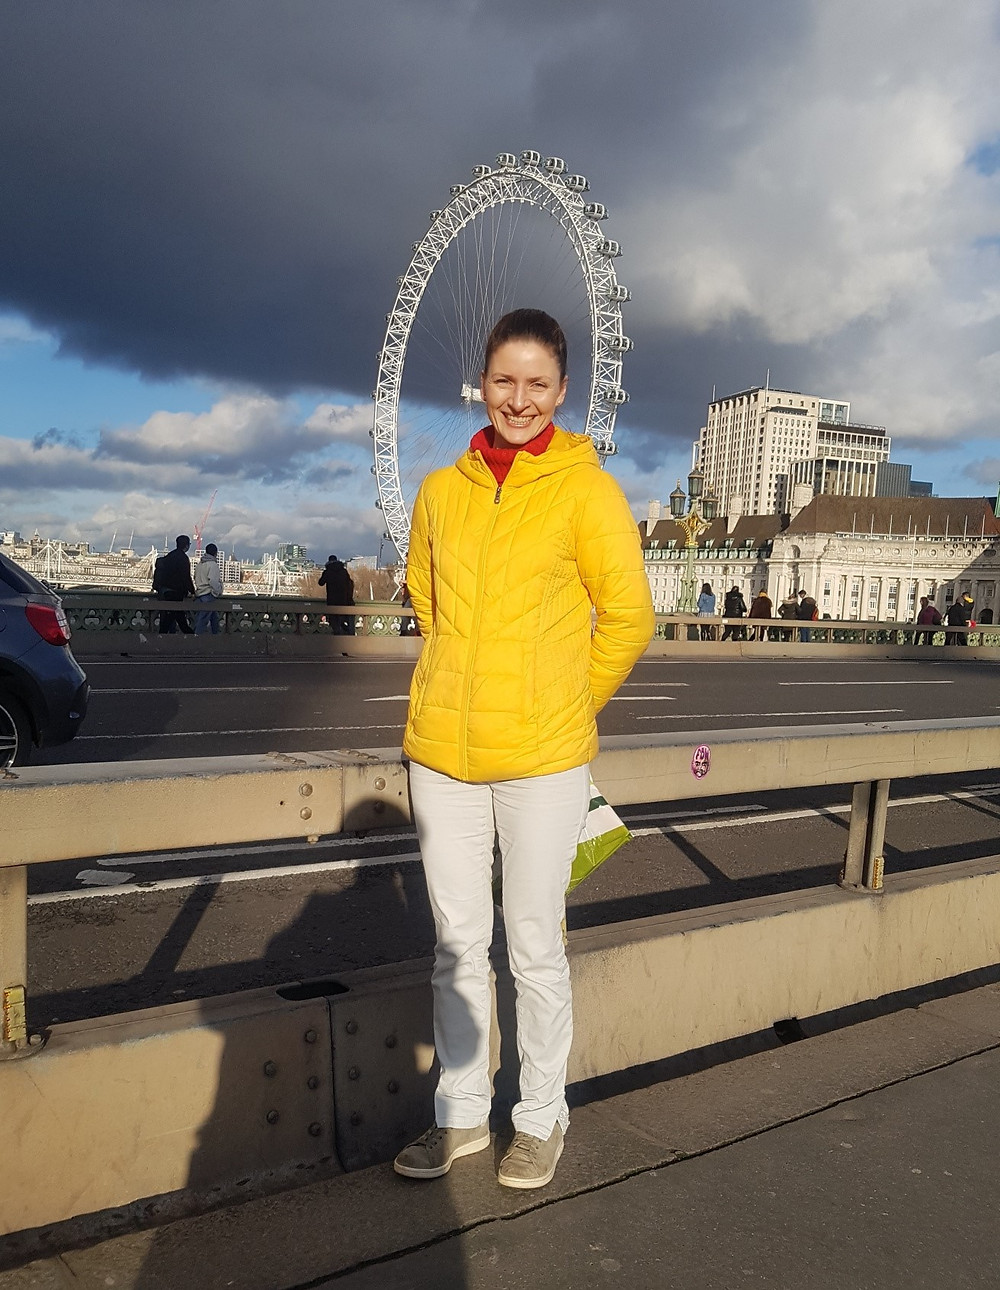 Ali Walsh at the London Eye